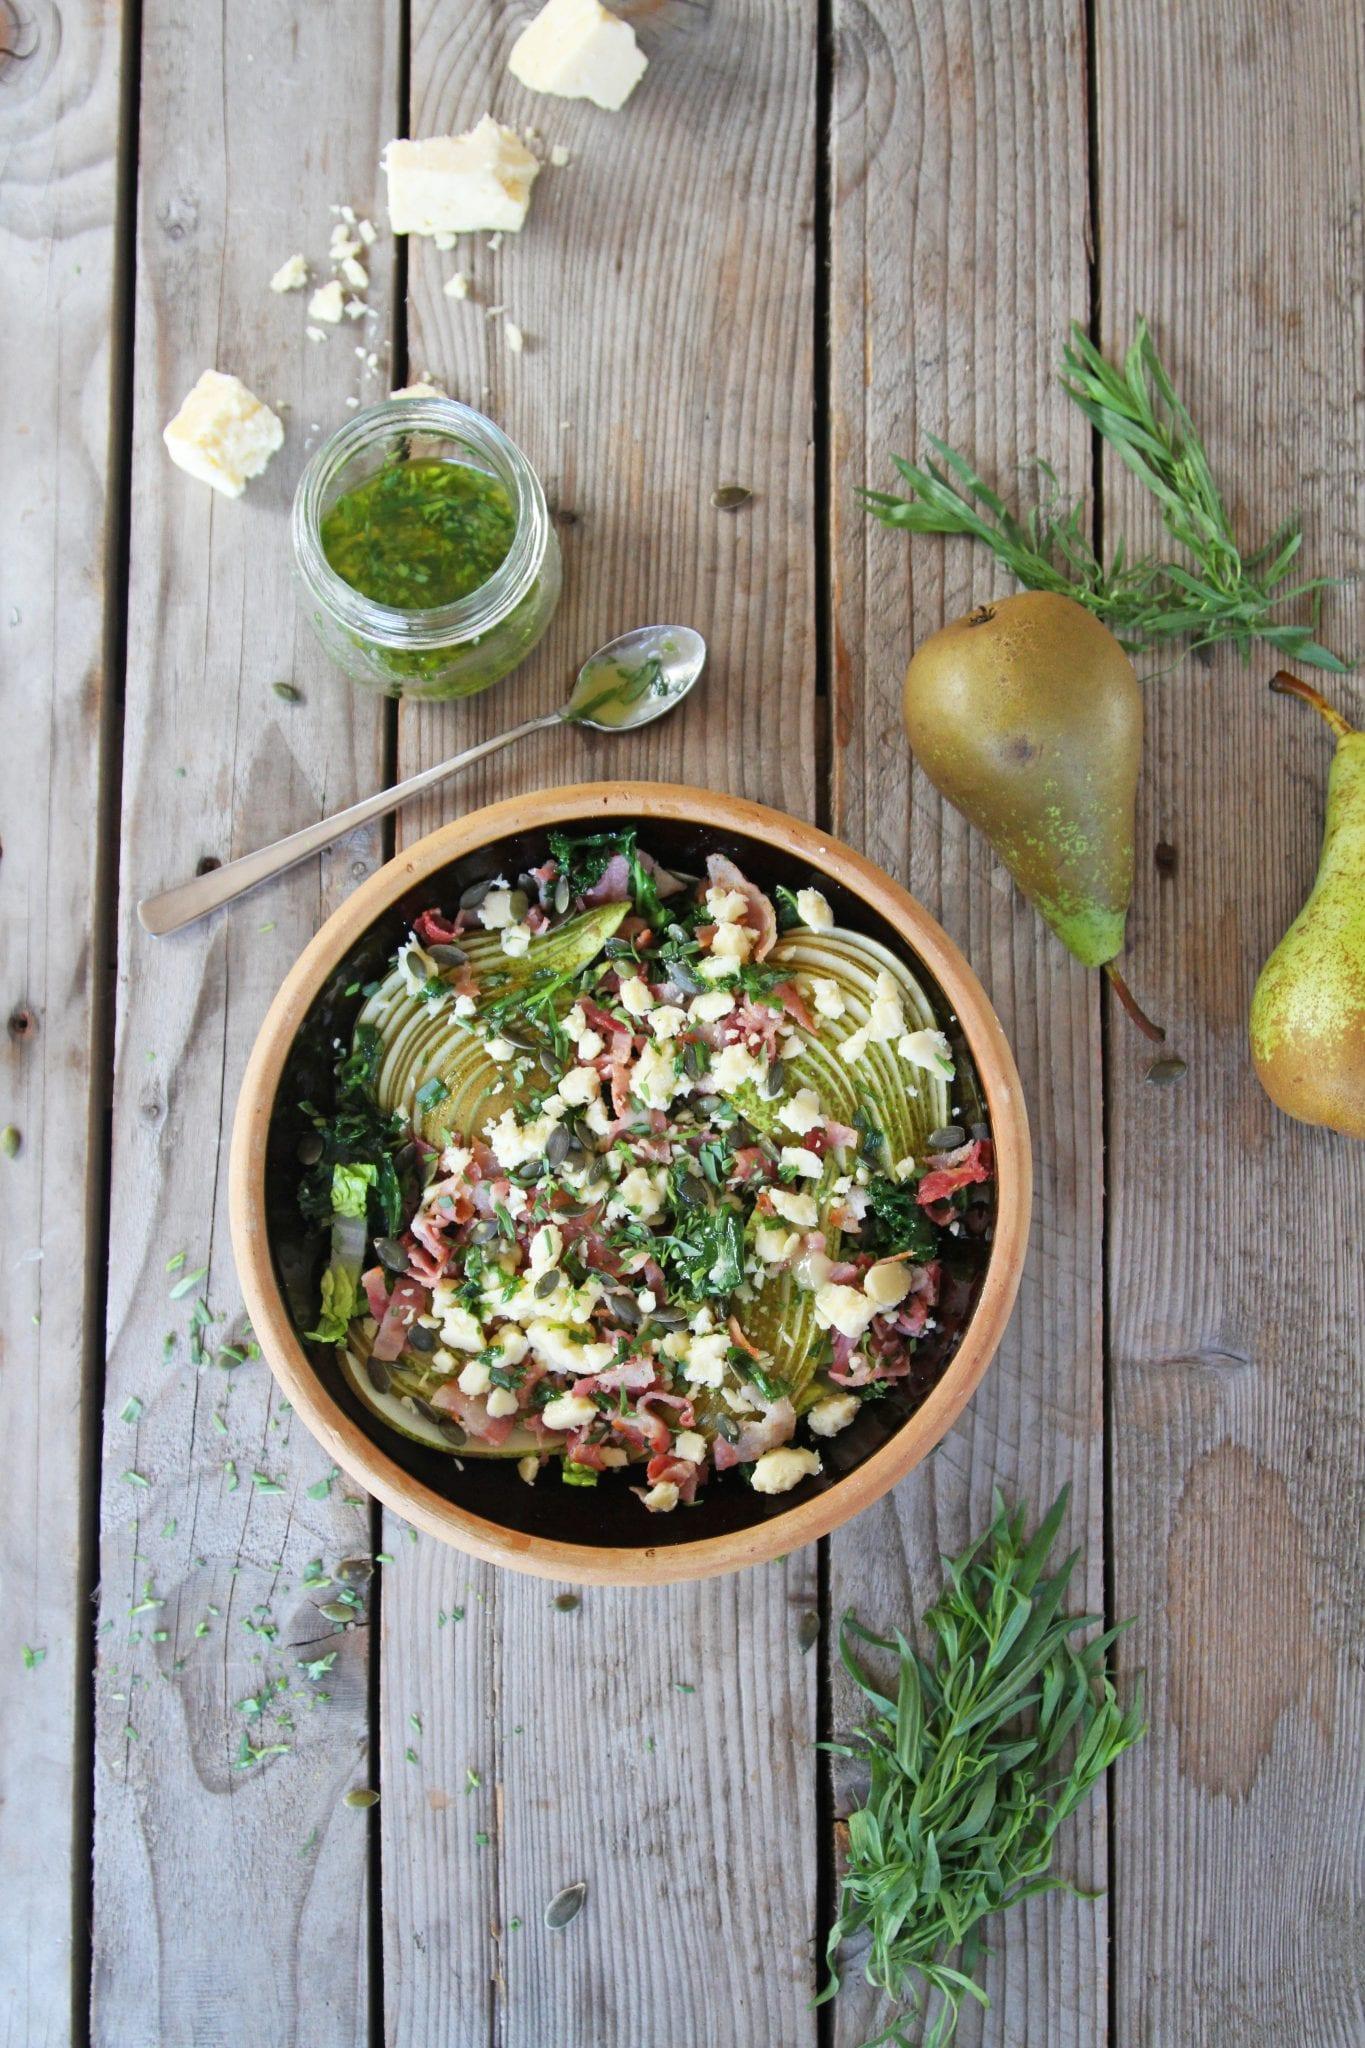 efterårssalat Skøn efterårssalat med grønkål, pære og estragon